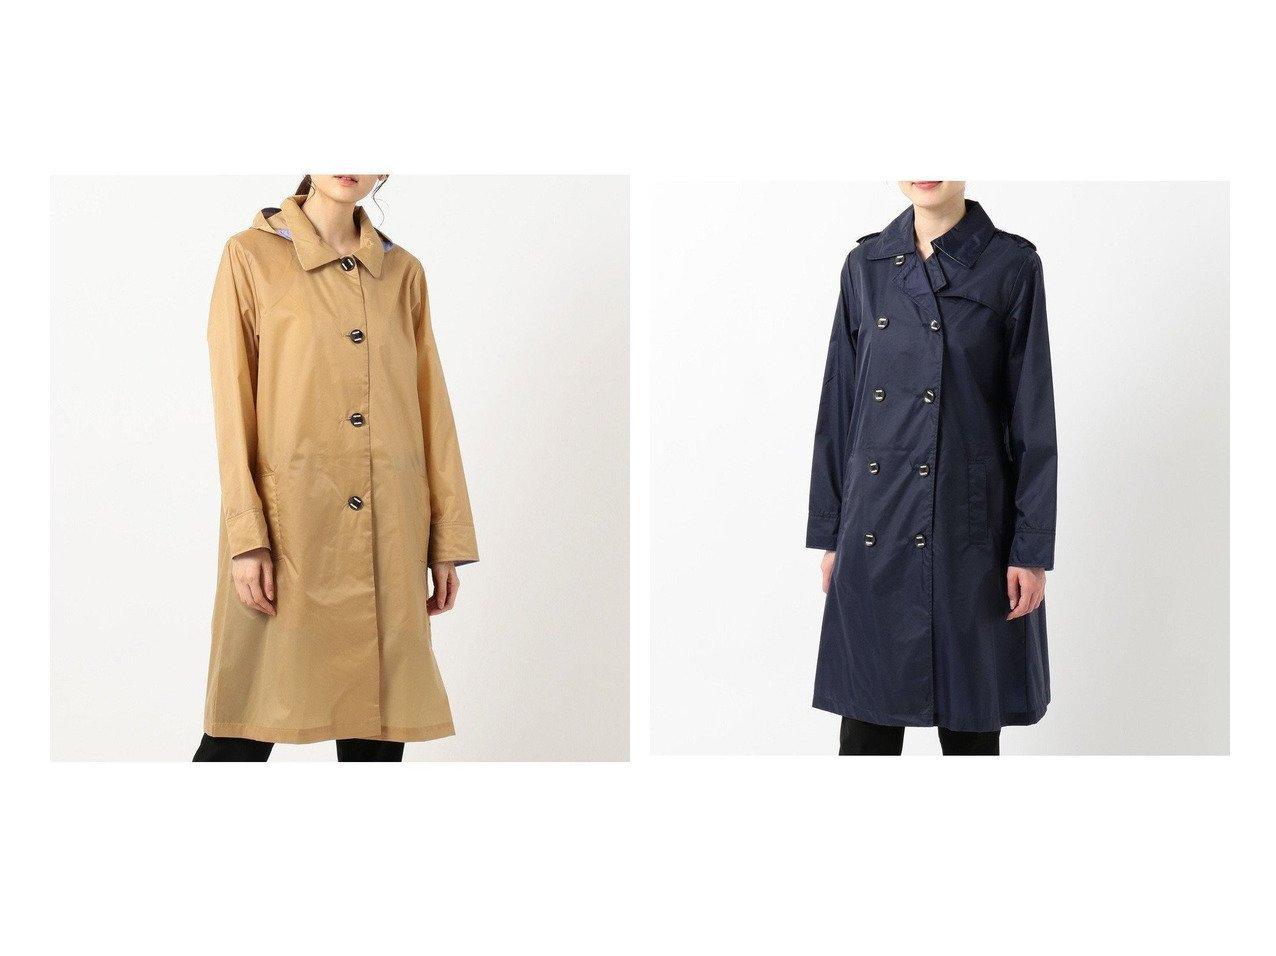 【MOONBAT/ムーンバット】のFULTON トレンチレインコート&FULTON トレンチシングルレインコート 【アウター】おすすめ!人気、トレンド・レディースファッションの通販 おすすめで人気の流行・トレンド、ファッションの通販商品 インテリア・家具・メンズファッション・キッズファッション・レディースファッション・服の通販 founy(ファニー) https://founy.com/ ファッション Fashion レディースファッション WOMEN アウター Coat Outerwear コート Coats ポンチョ Ponchos 送料無料 Free Shipping オレンジ ダブル トレンチ ポンチョ |ID:crp329100000061528